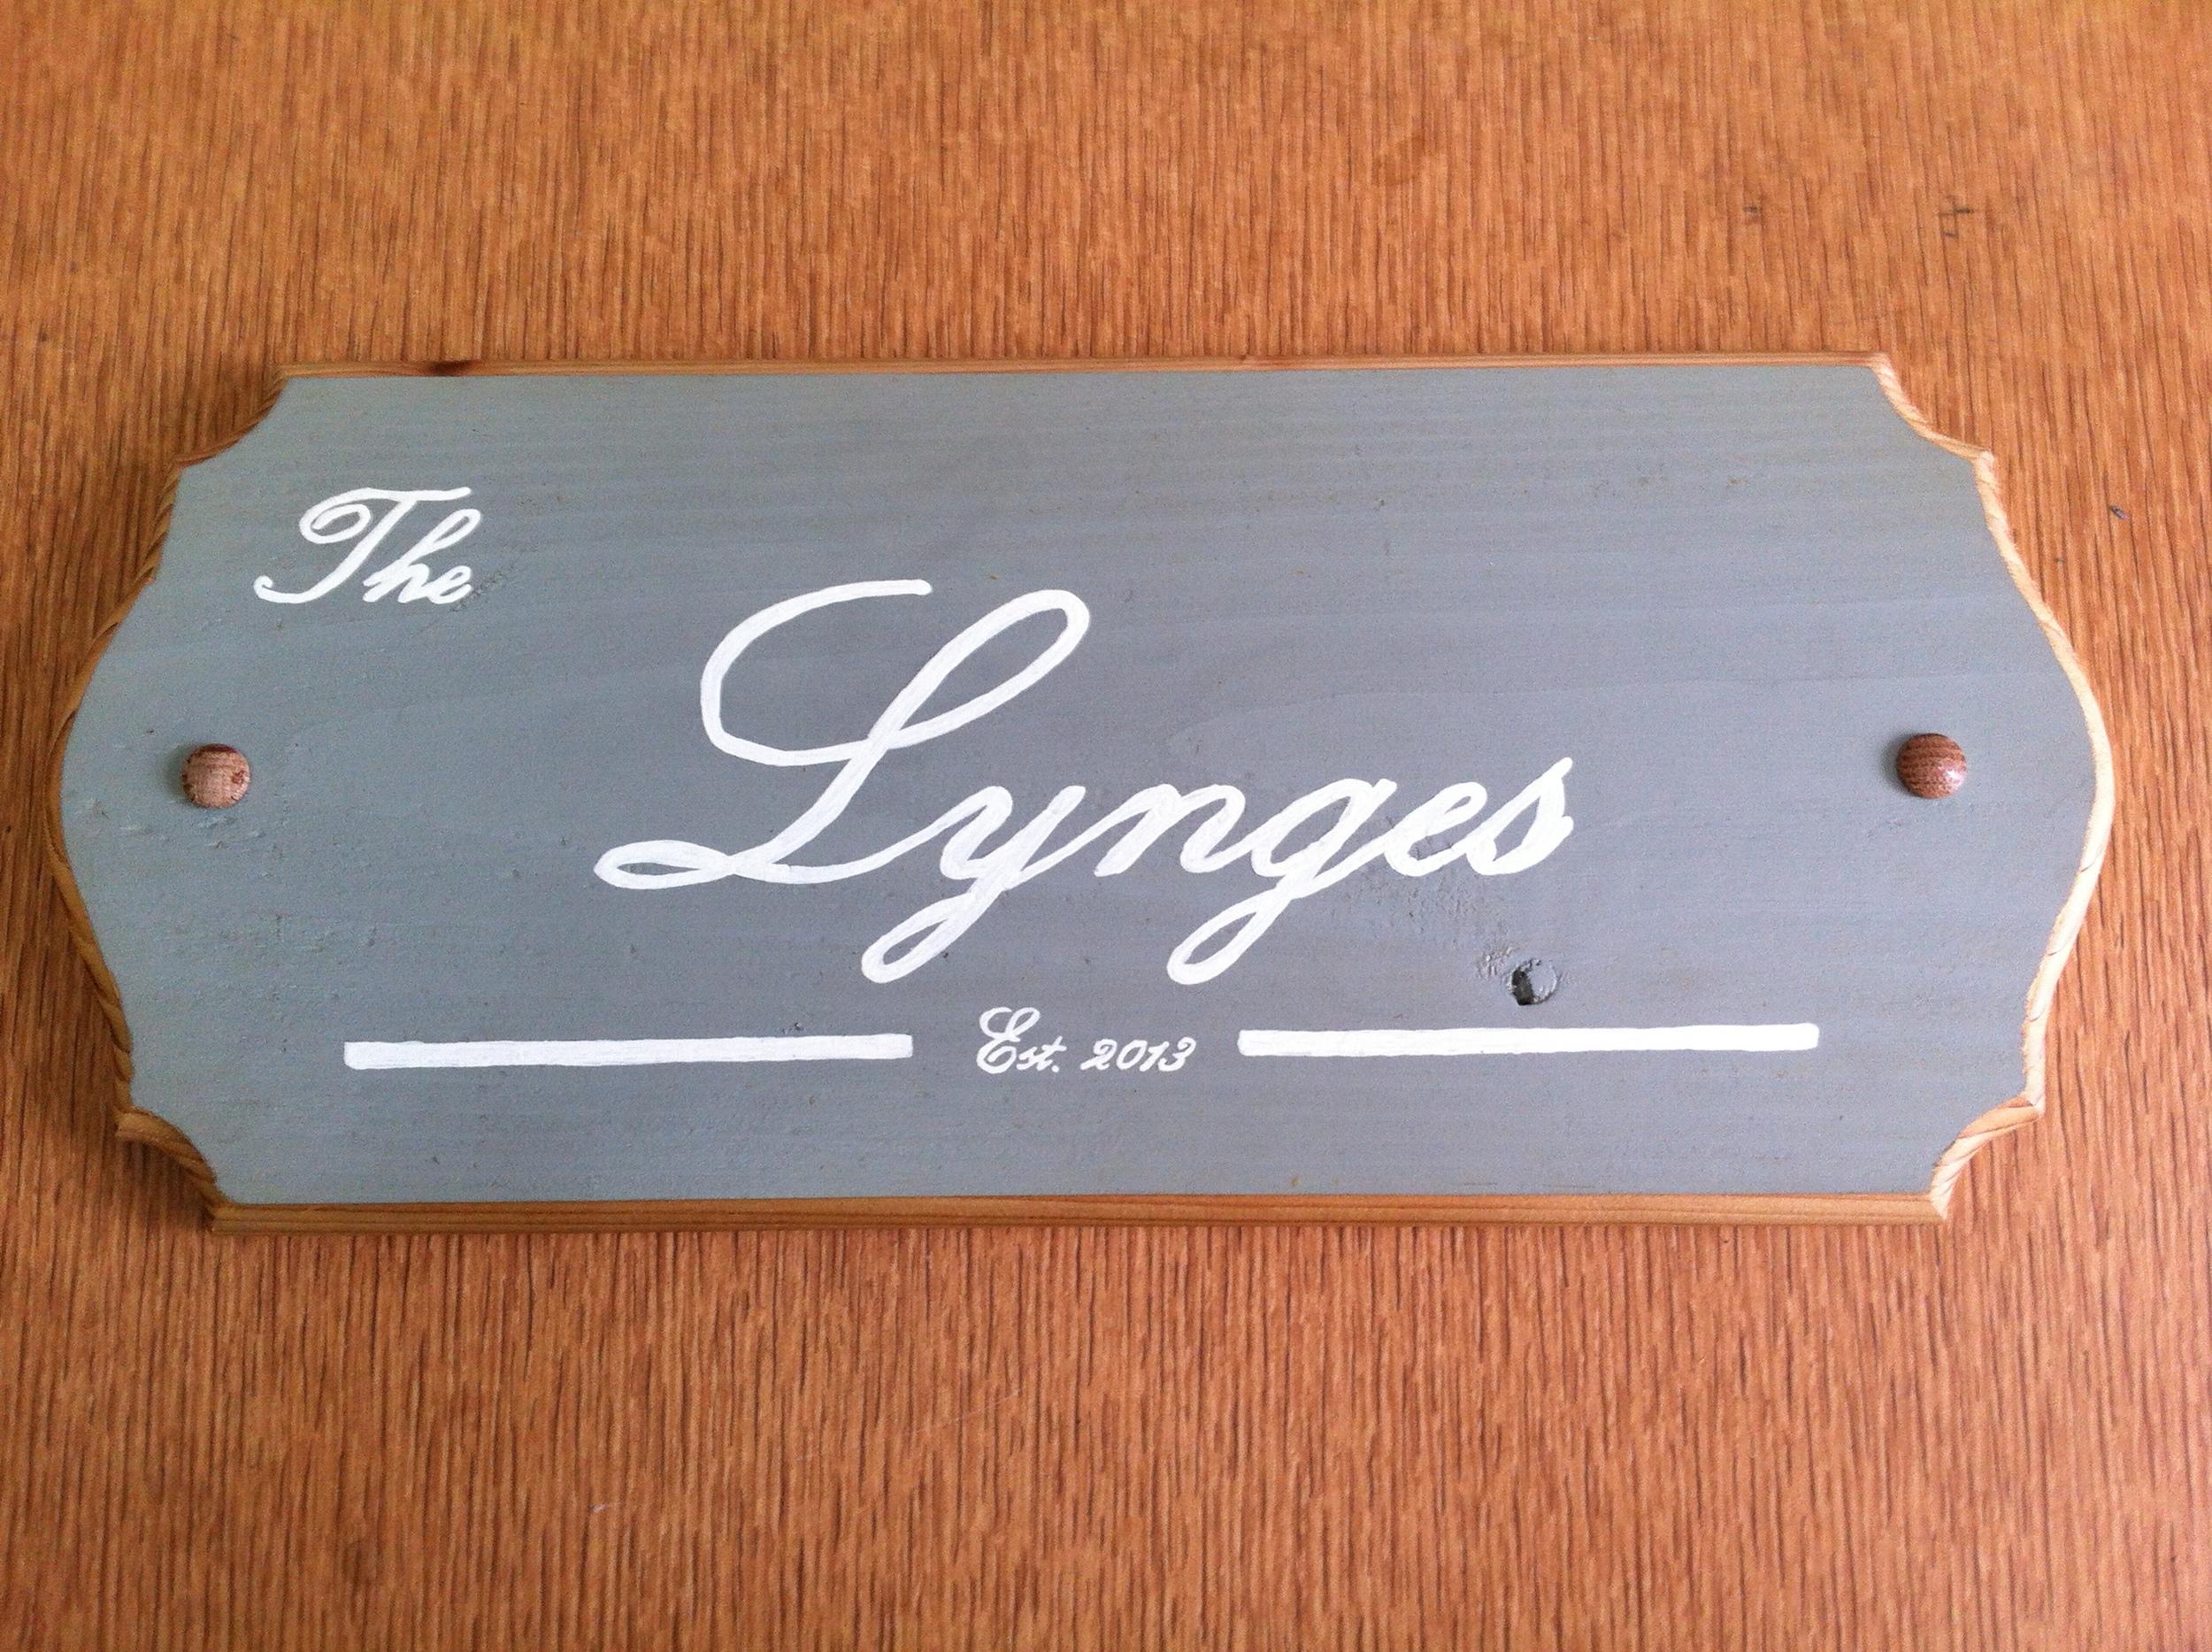 lynge sign.JPG